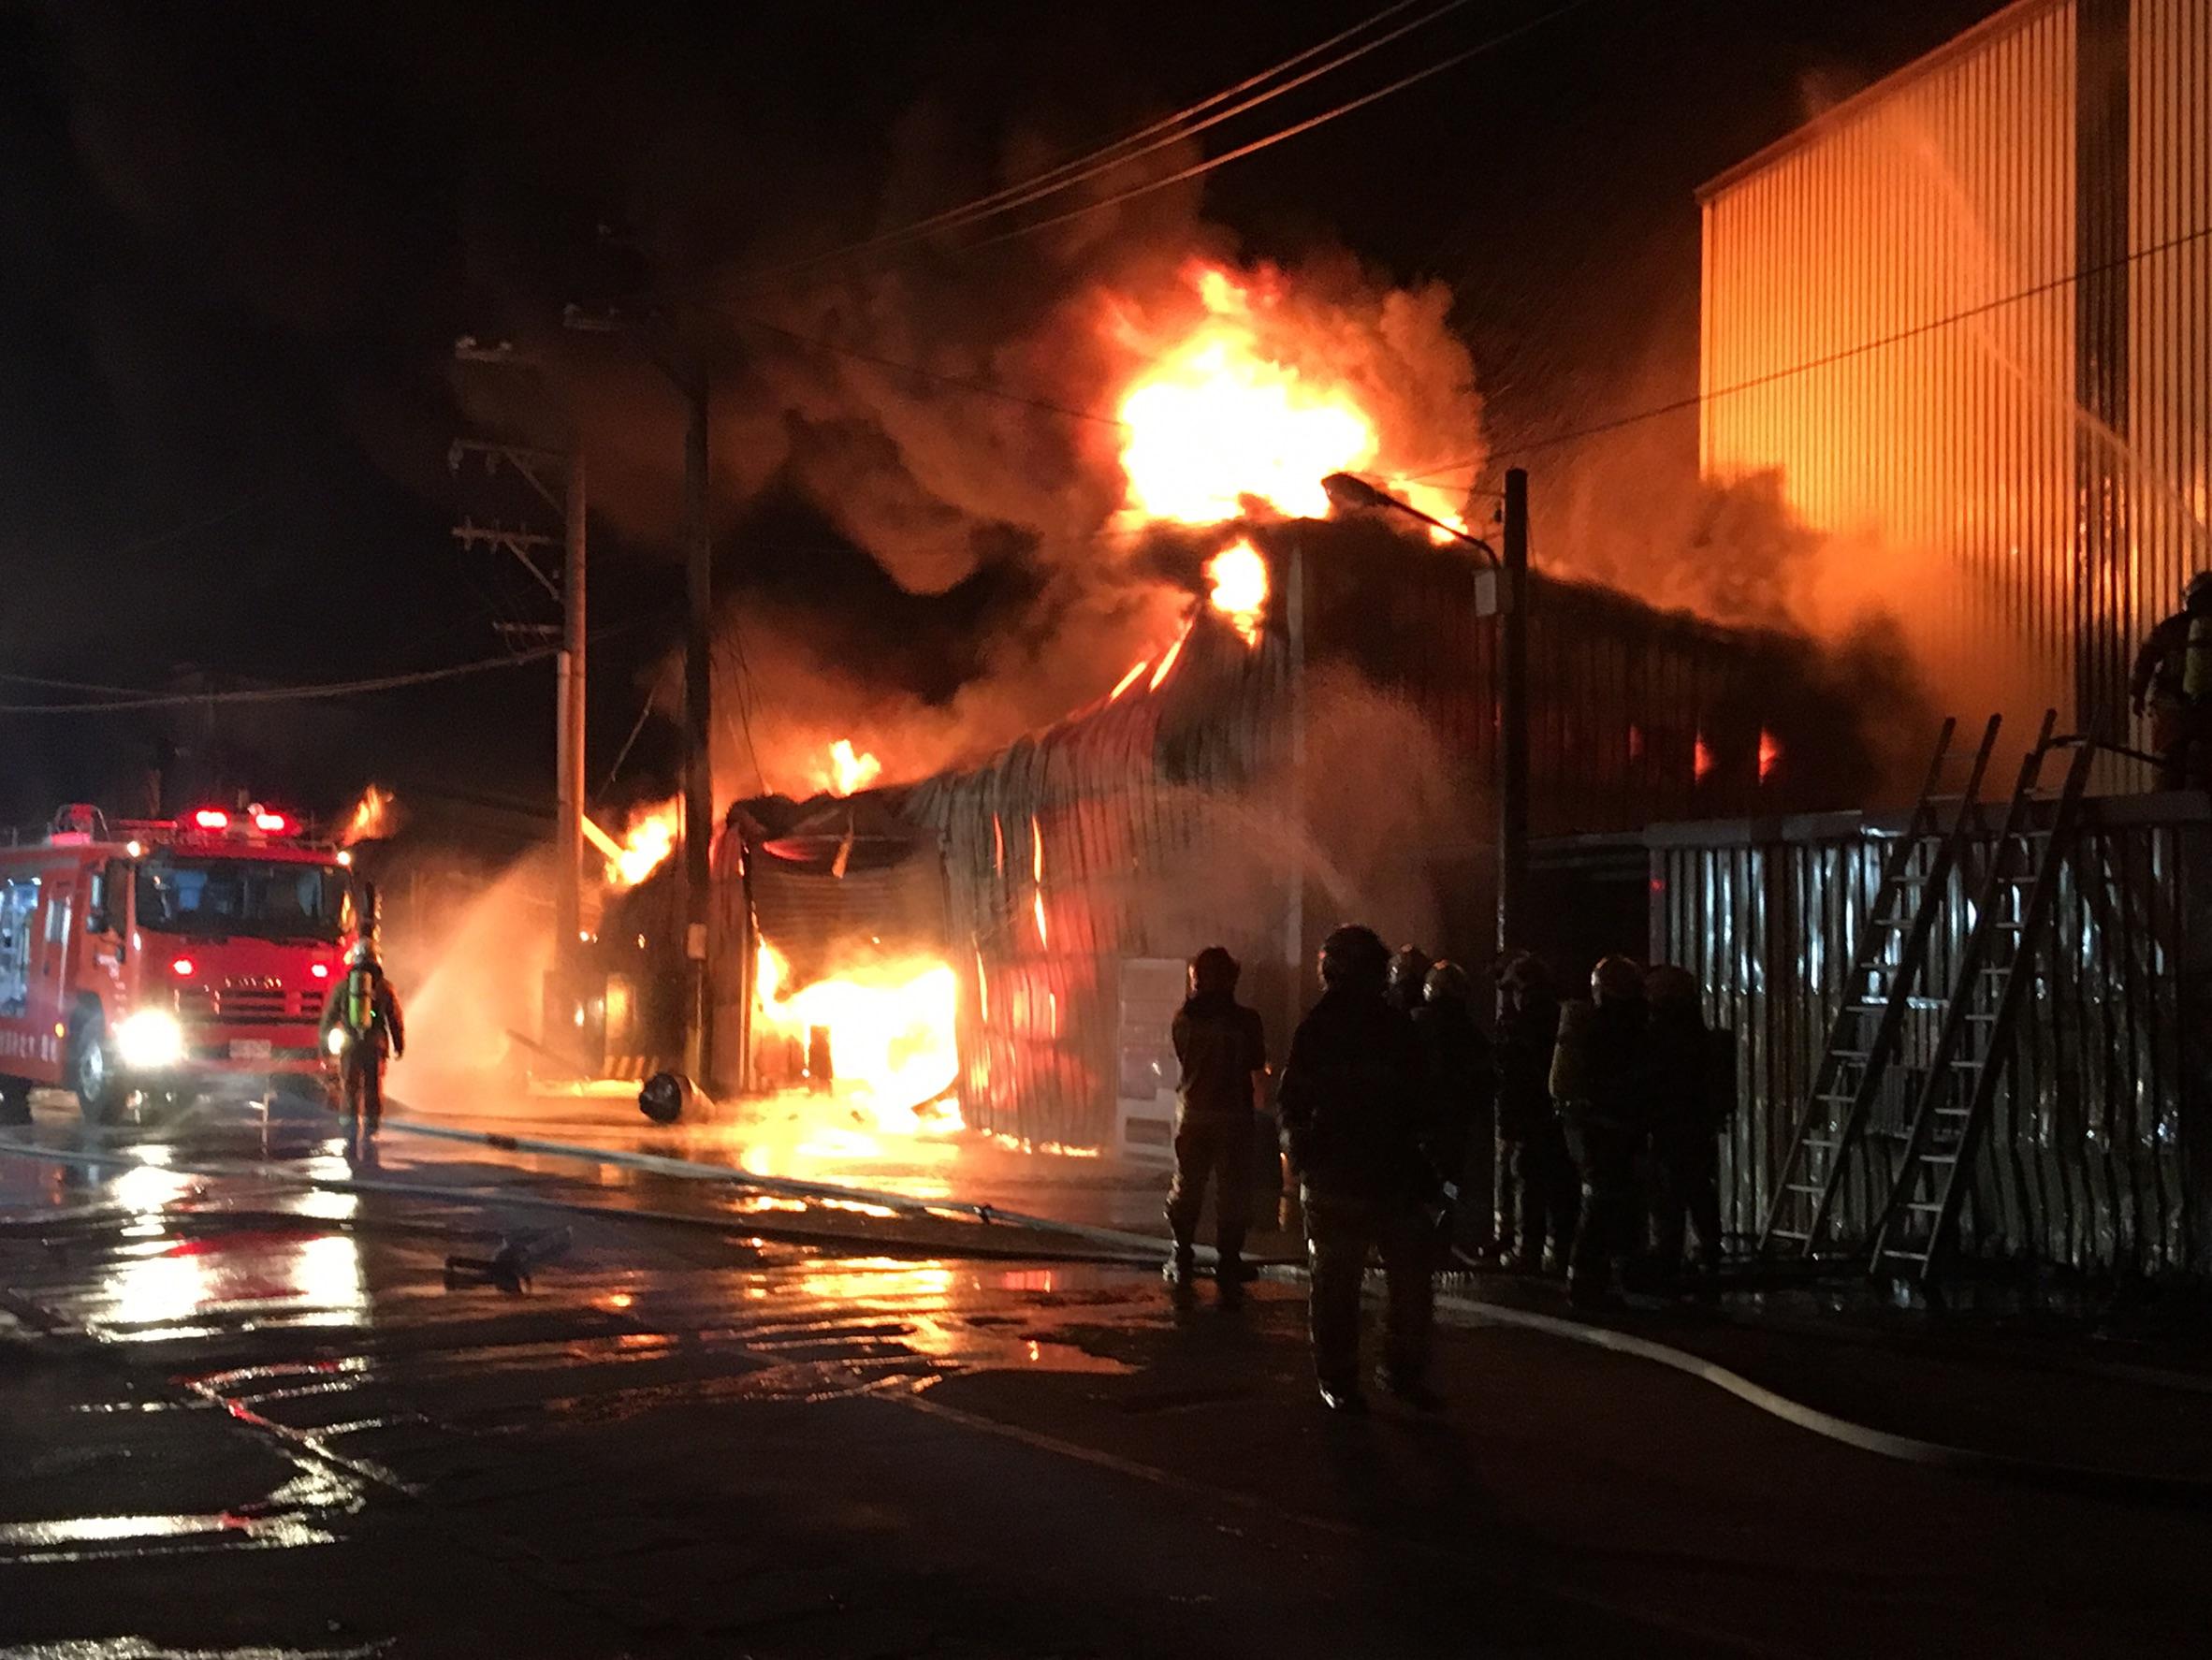 6 công nhân Việt Nam chết cháy trong khu nhà trọ bất hợp pháp ở Đài Loan